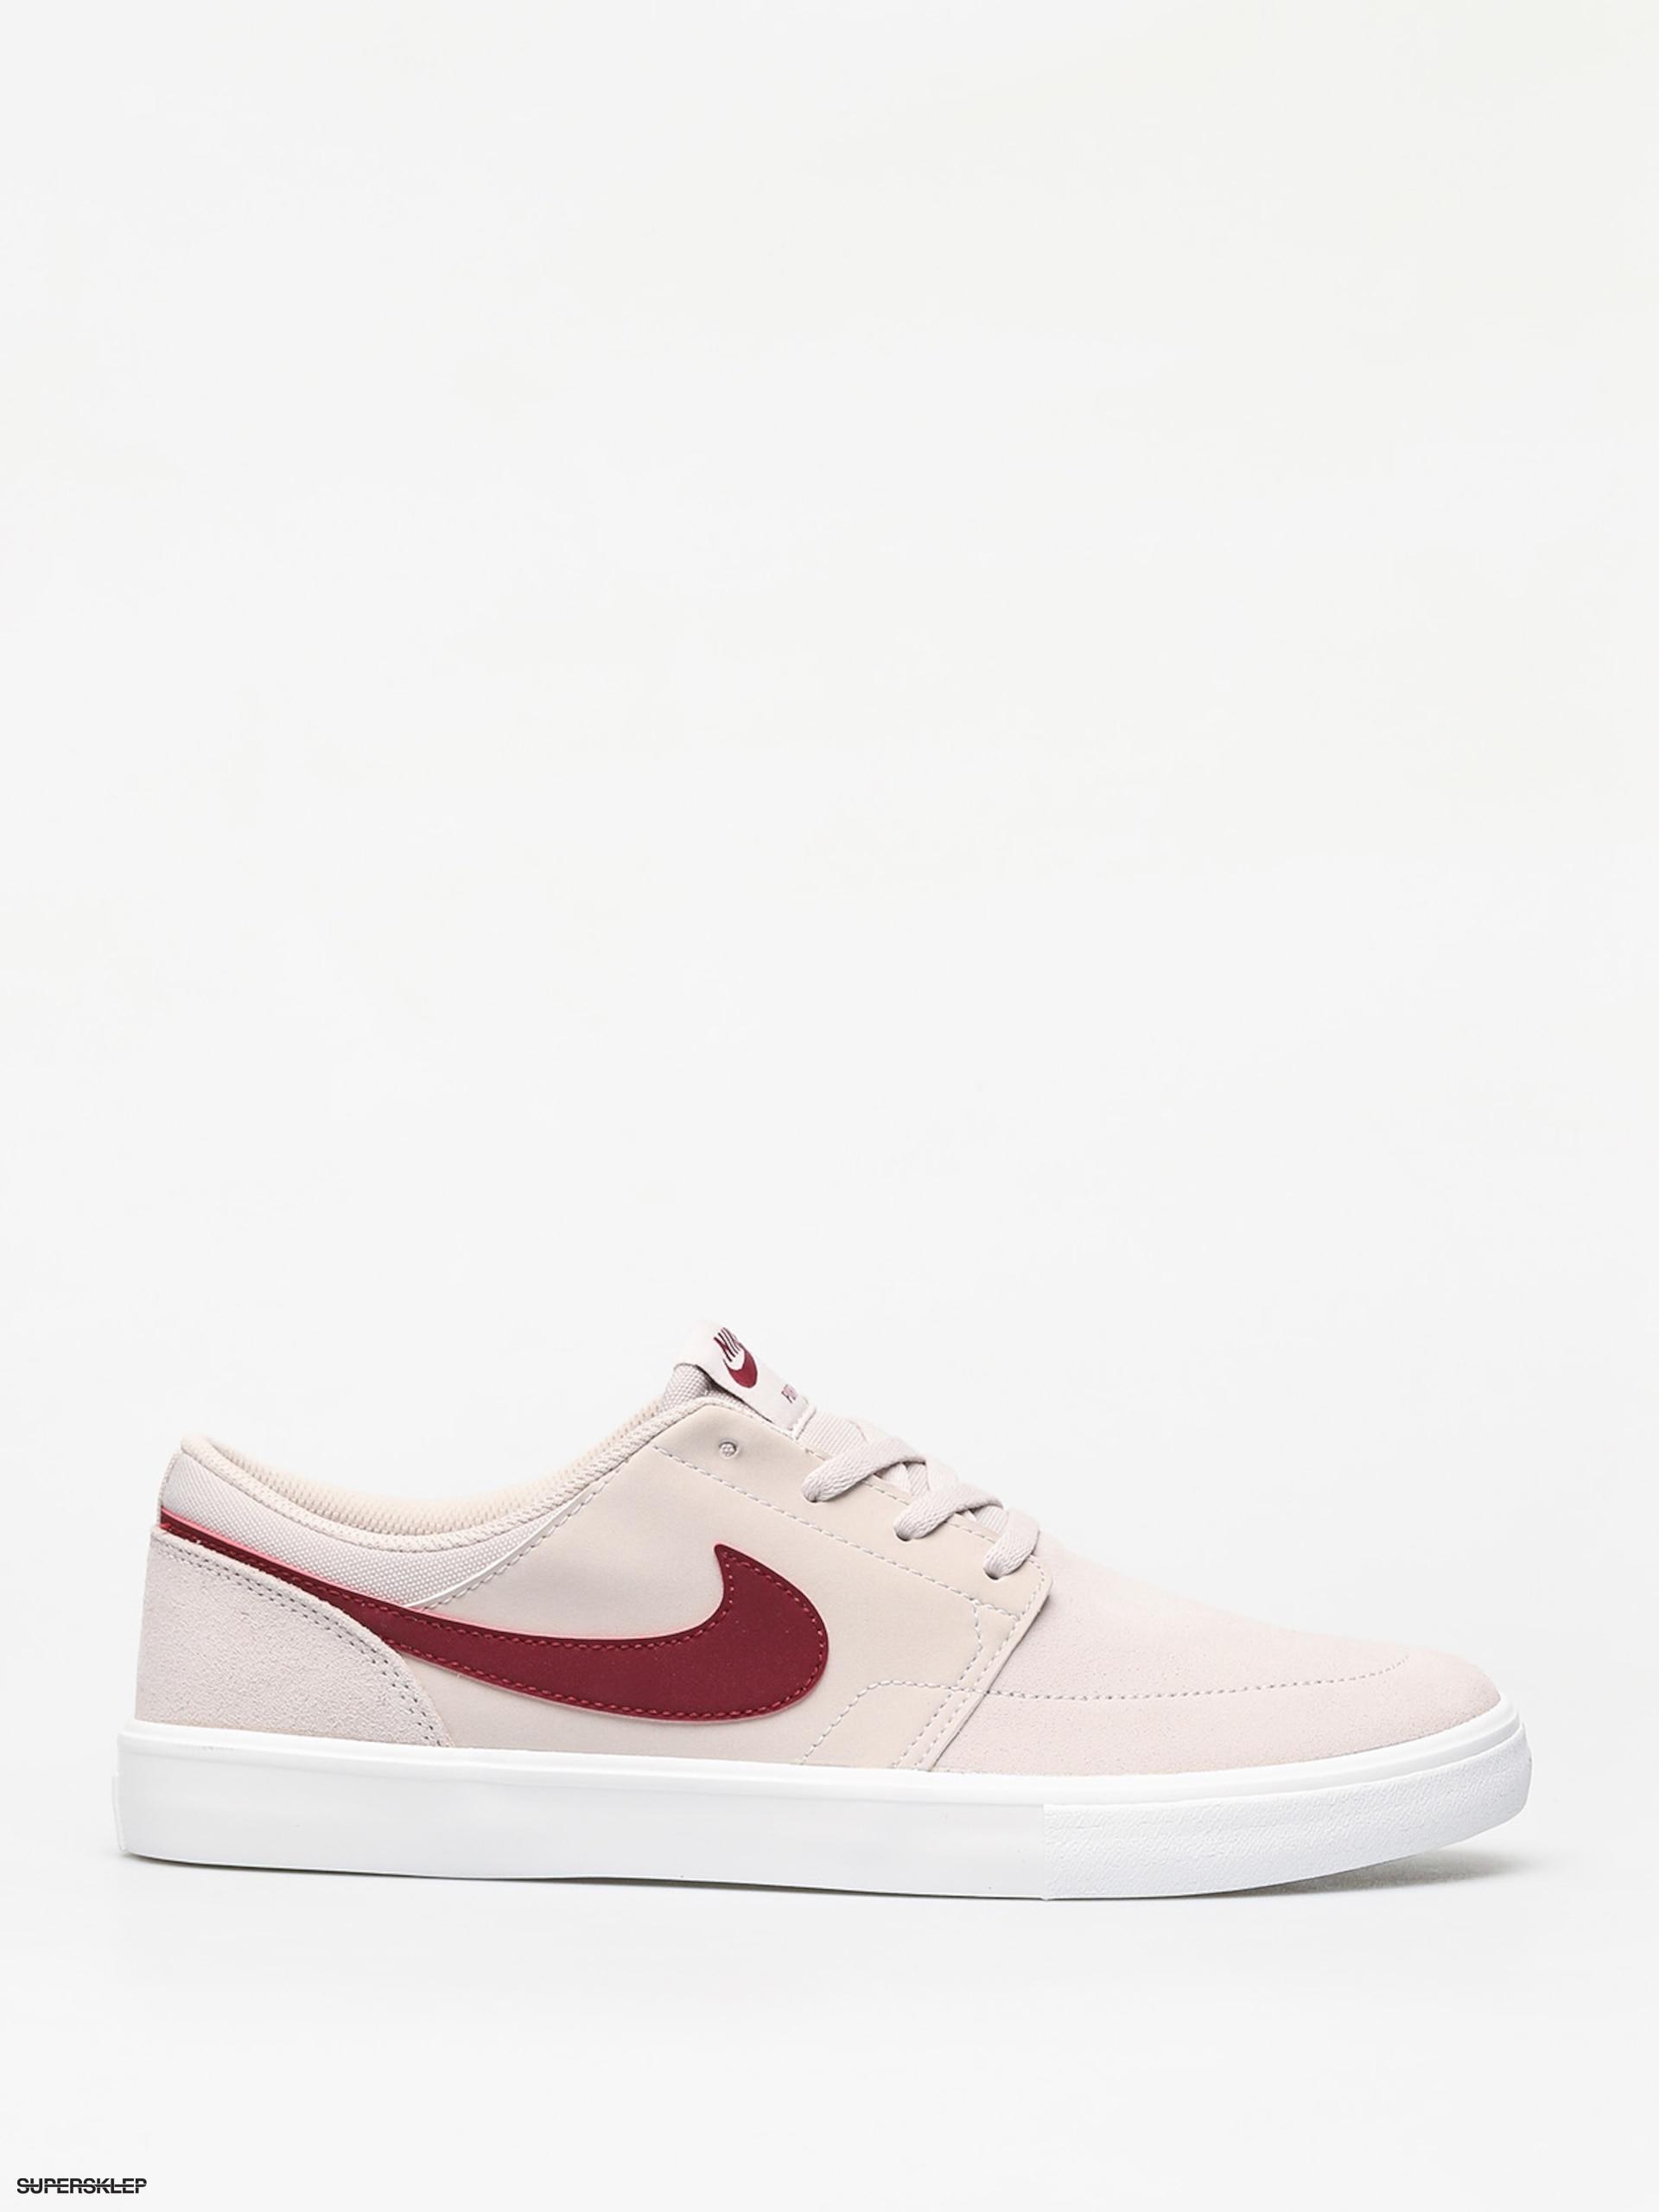 najlepsze buty 100% autentyczny naprawdę wygodne Buty Nike SB Solarsoft Portmore II (desert sand/team red summit white black)